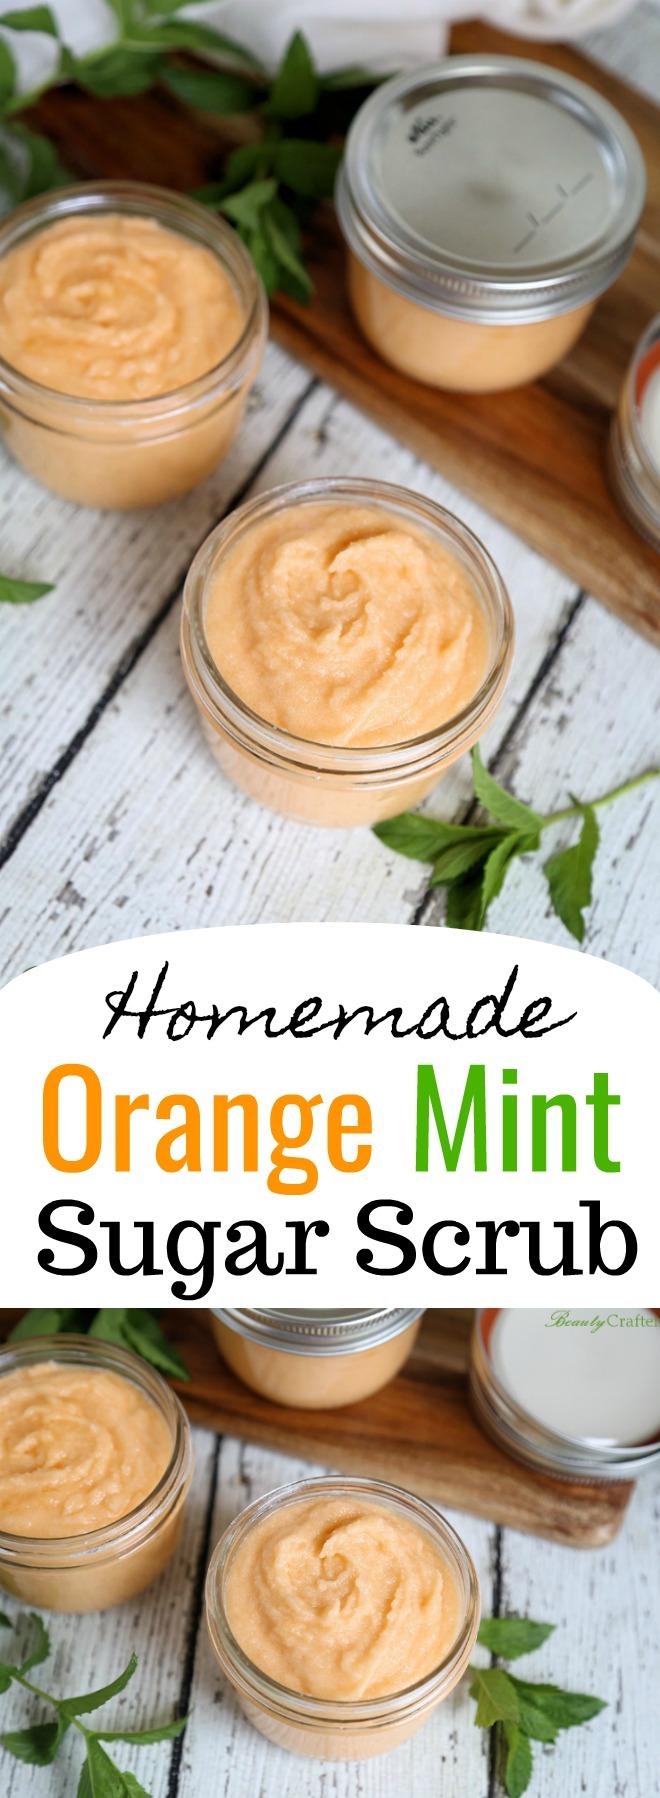 Orange Mint Sugar Scrub Recipe - Easy Homemade Gift Idea #diy #sugarscrub #essentialoils #beauty #bath